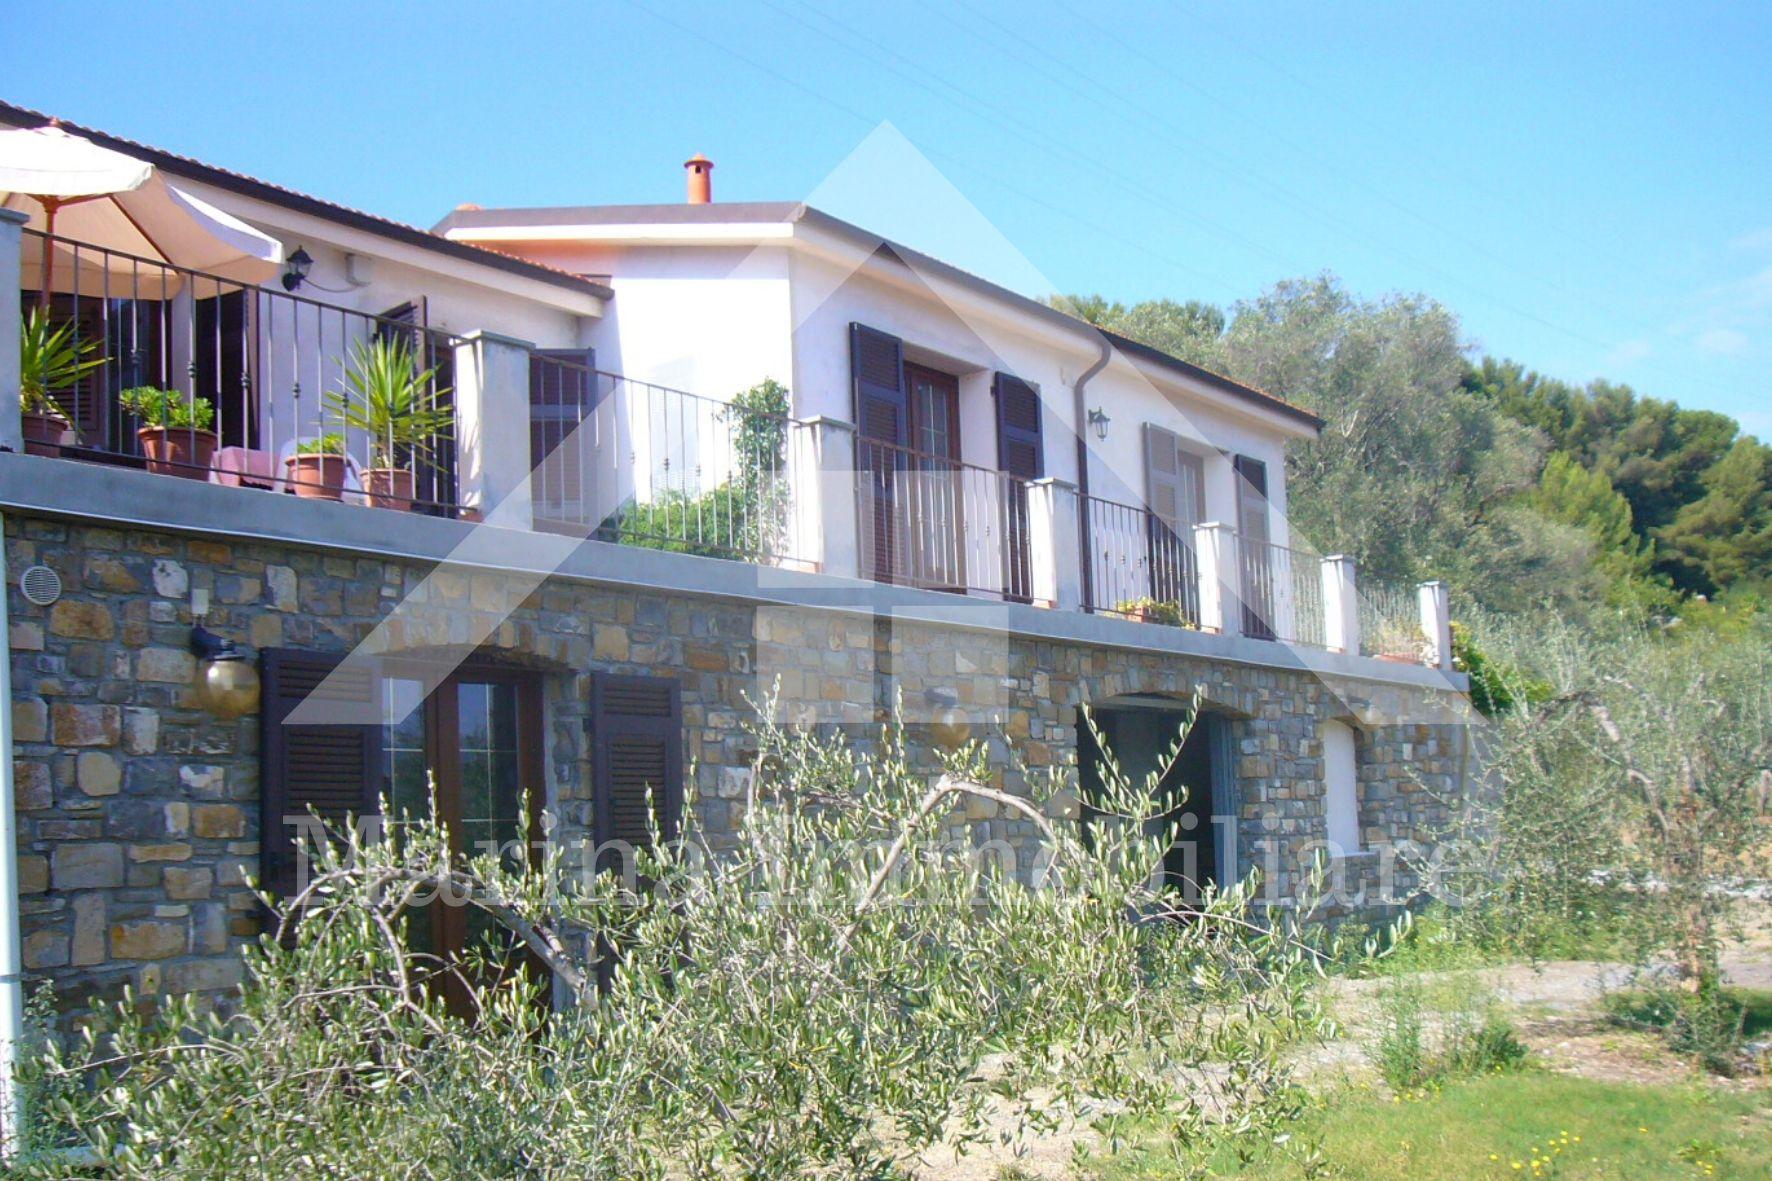 Villetta indipendente in vendita con terreno | Imperia